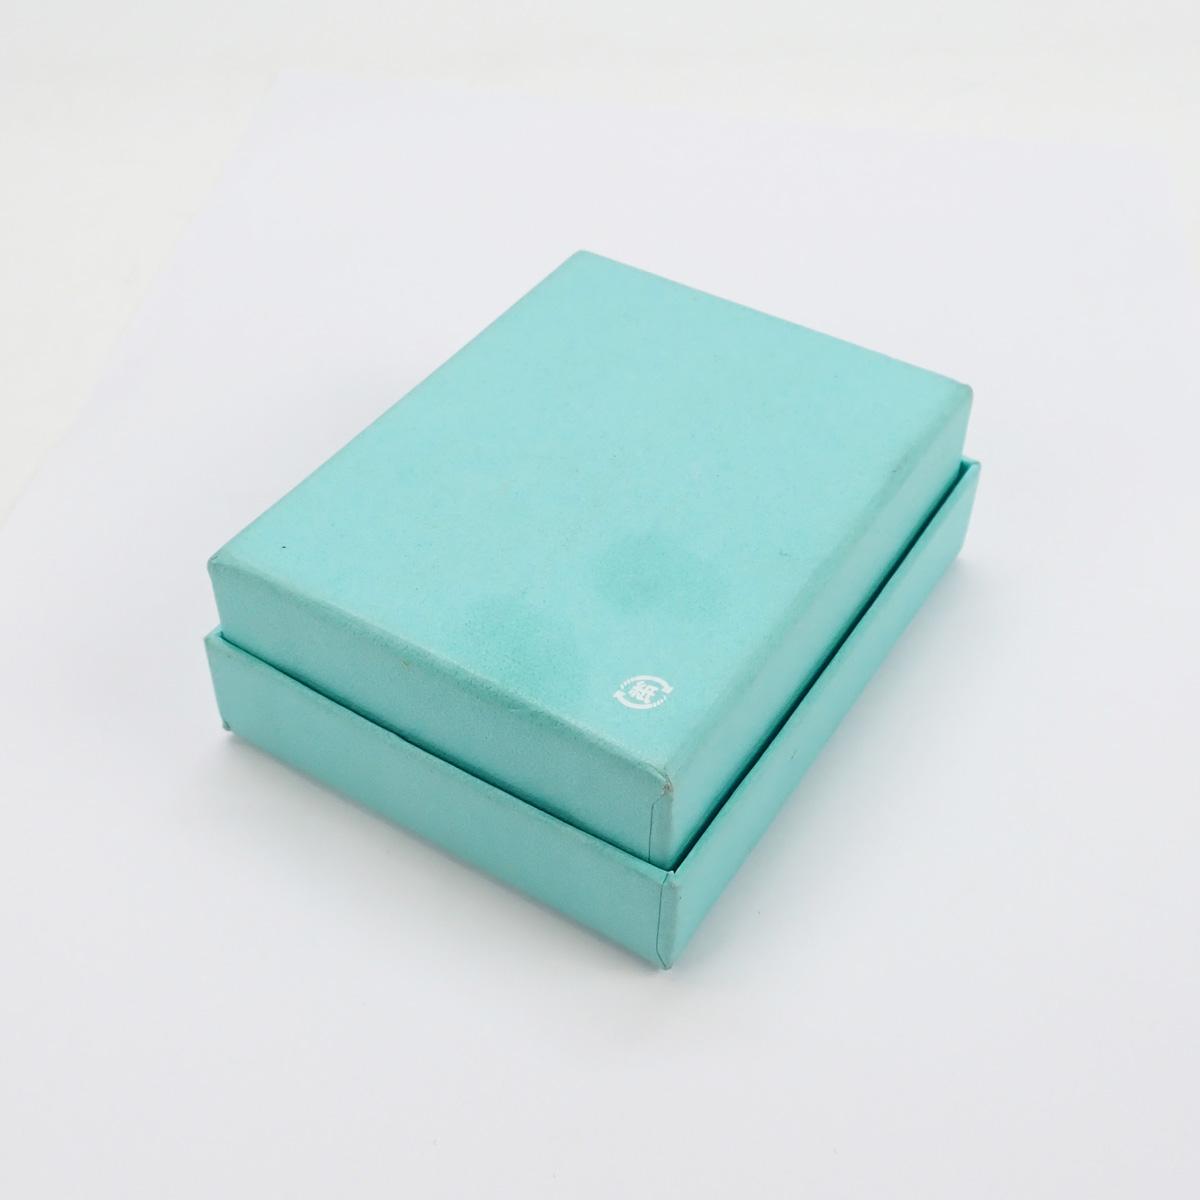 【辛口評価】【Aランク】Tiffany&Co. ティファニー AG925 ベネチアン リンク ブレスレット シルバー